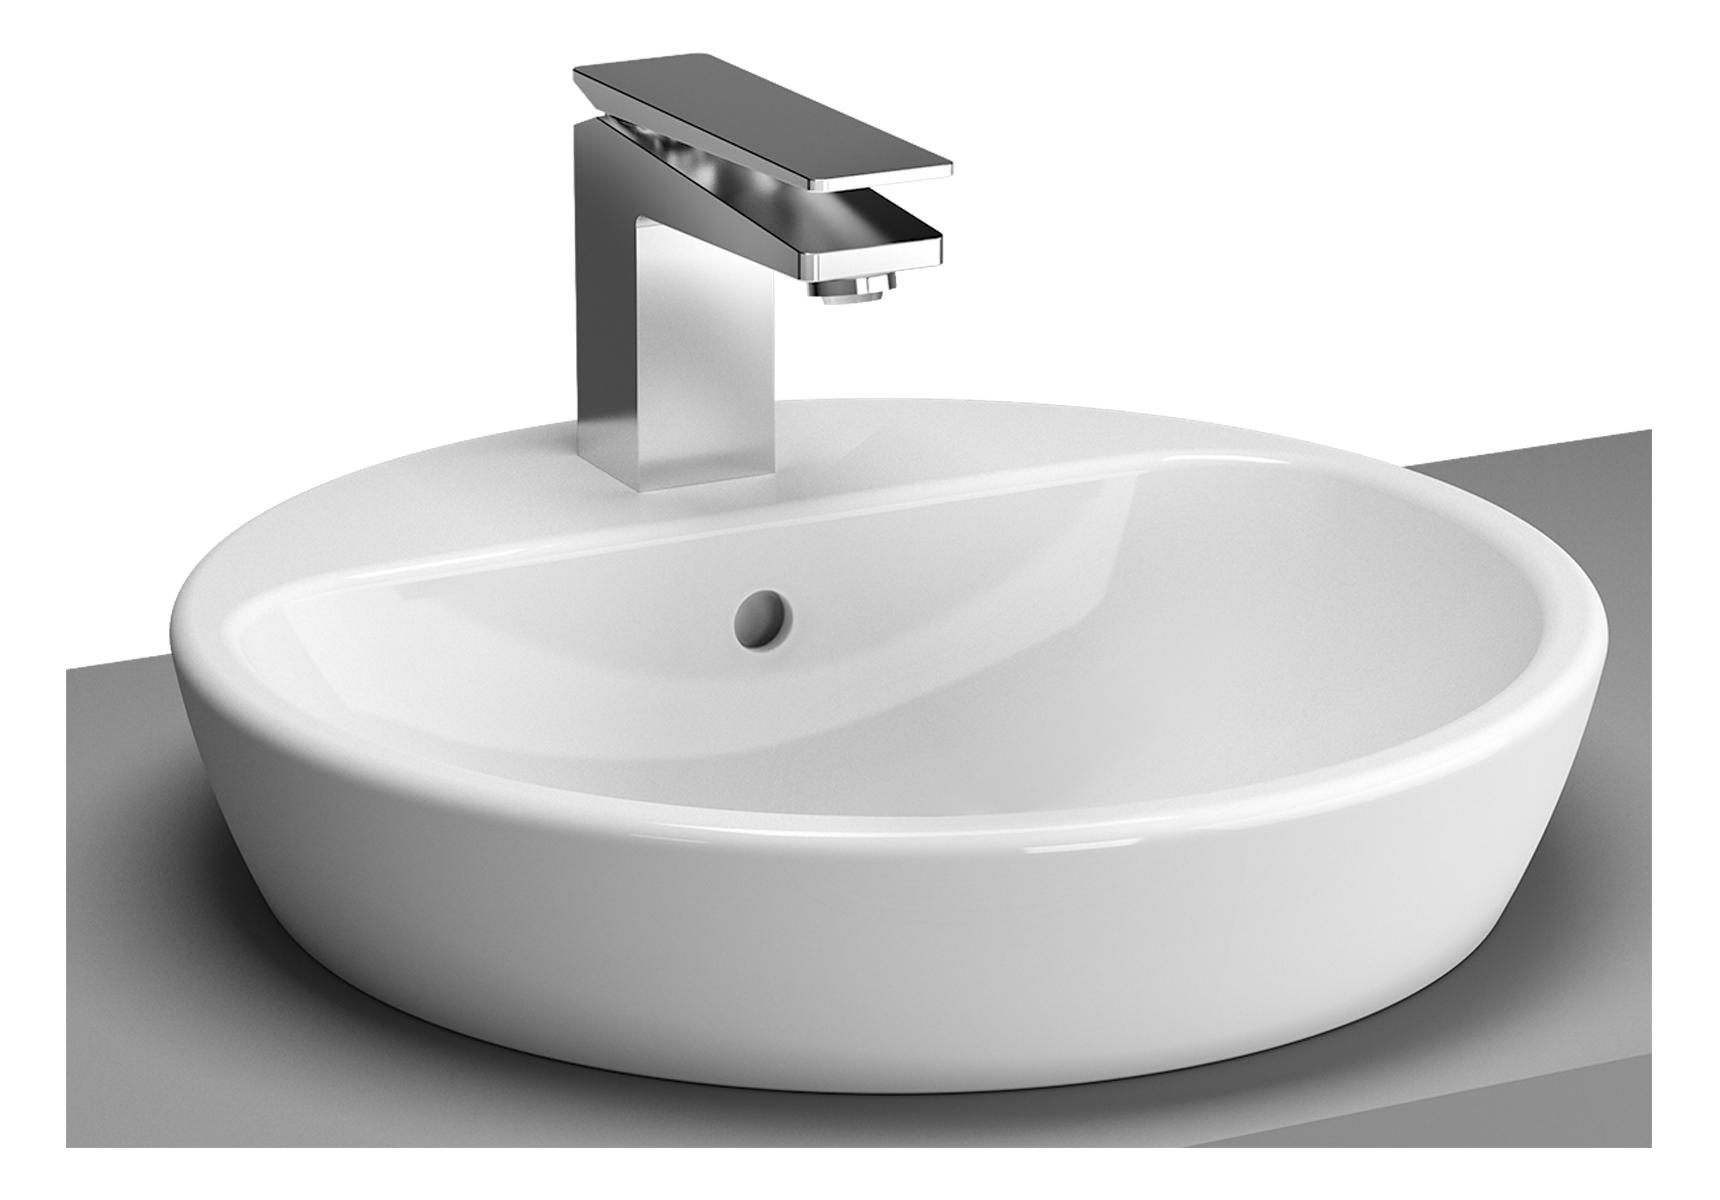 Metropole vasque à poser sur plan de toilette, Ø 44,5 cm, 1 trou de robinet central et trop-plein